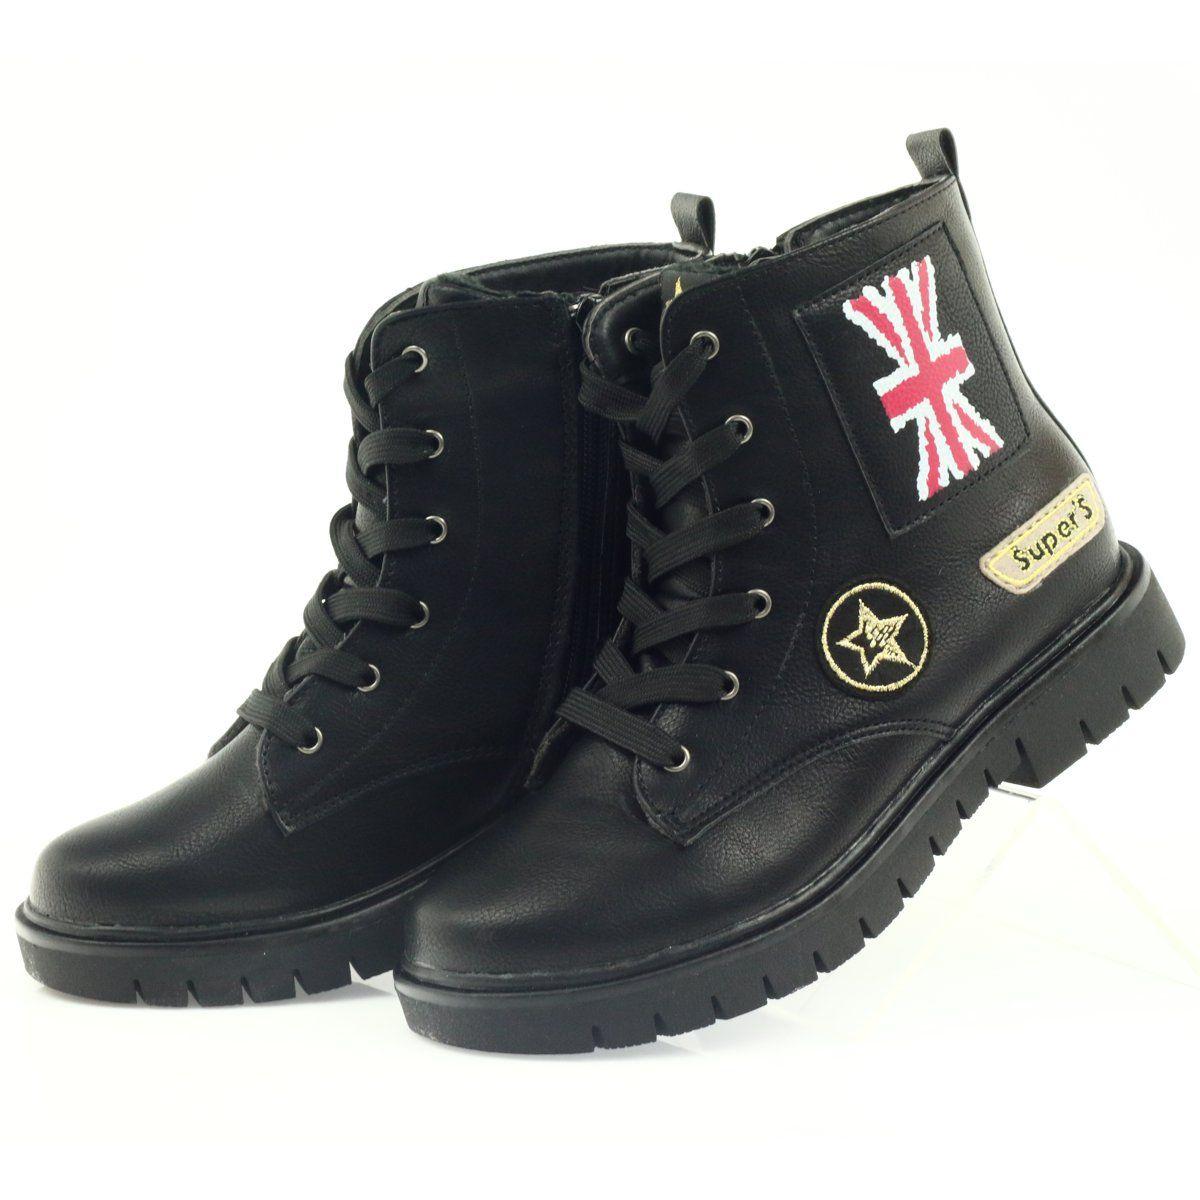 American Club American Super Workery Buty Zimowe Czarne Zolte Czerwone Boots Winter Boots Black Boots